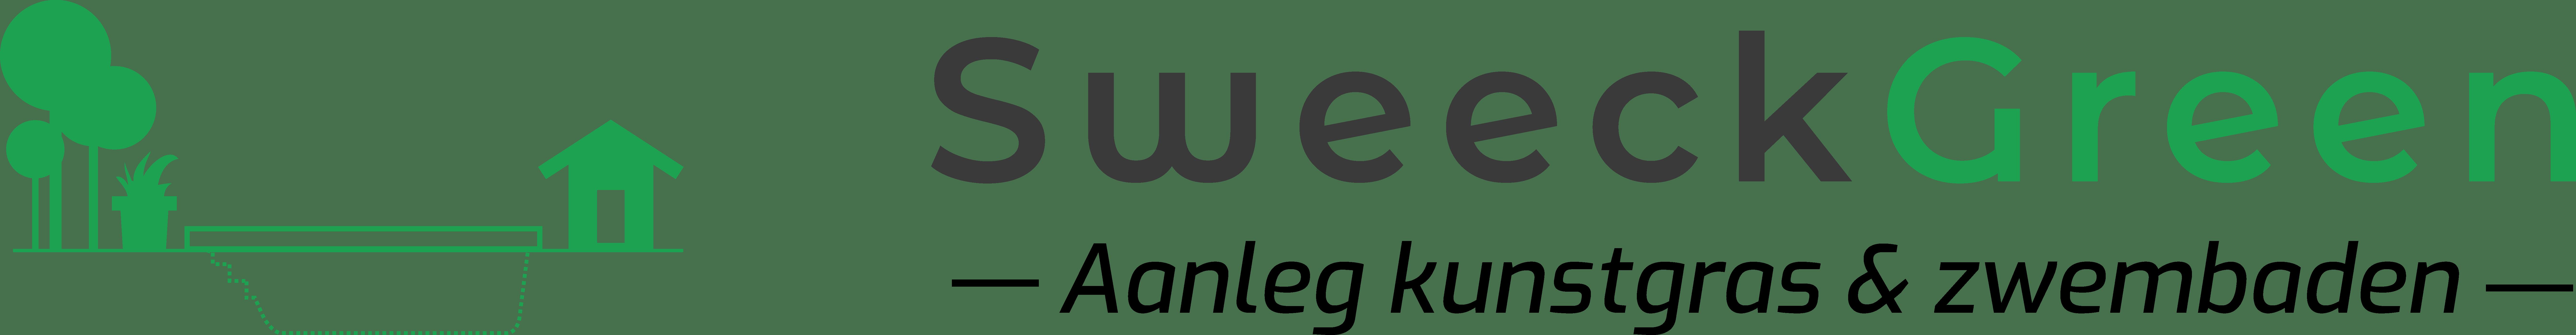 Sweeck Green | Aanleg kunstgras en zwembaden